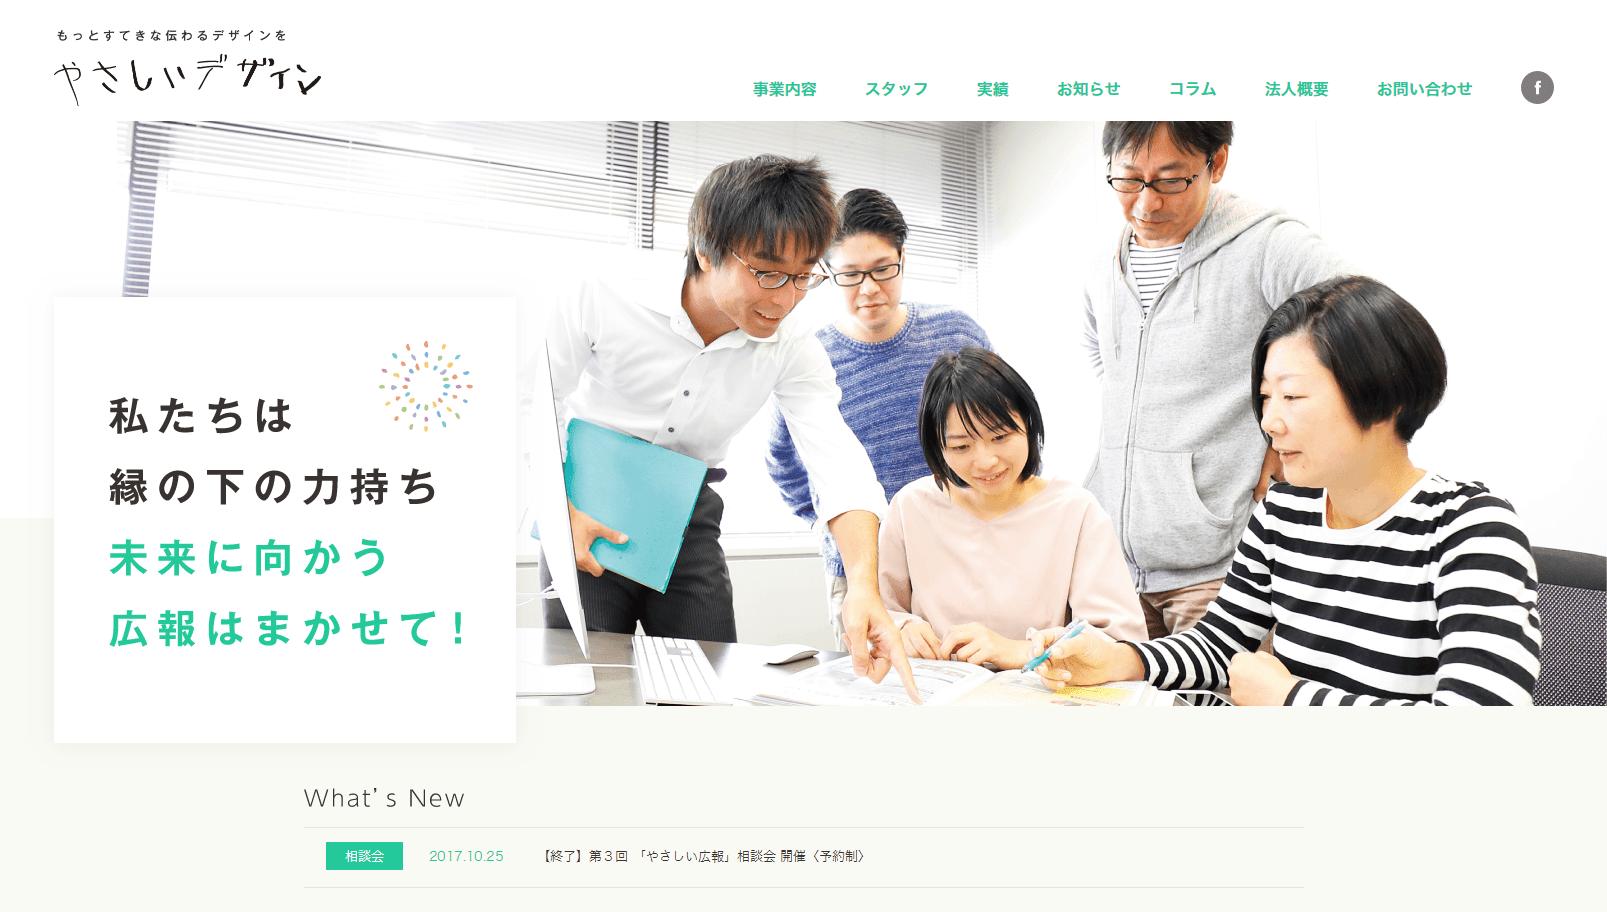 やさしいデザインホームページ